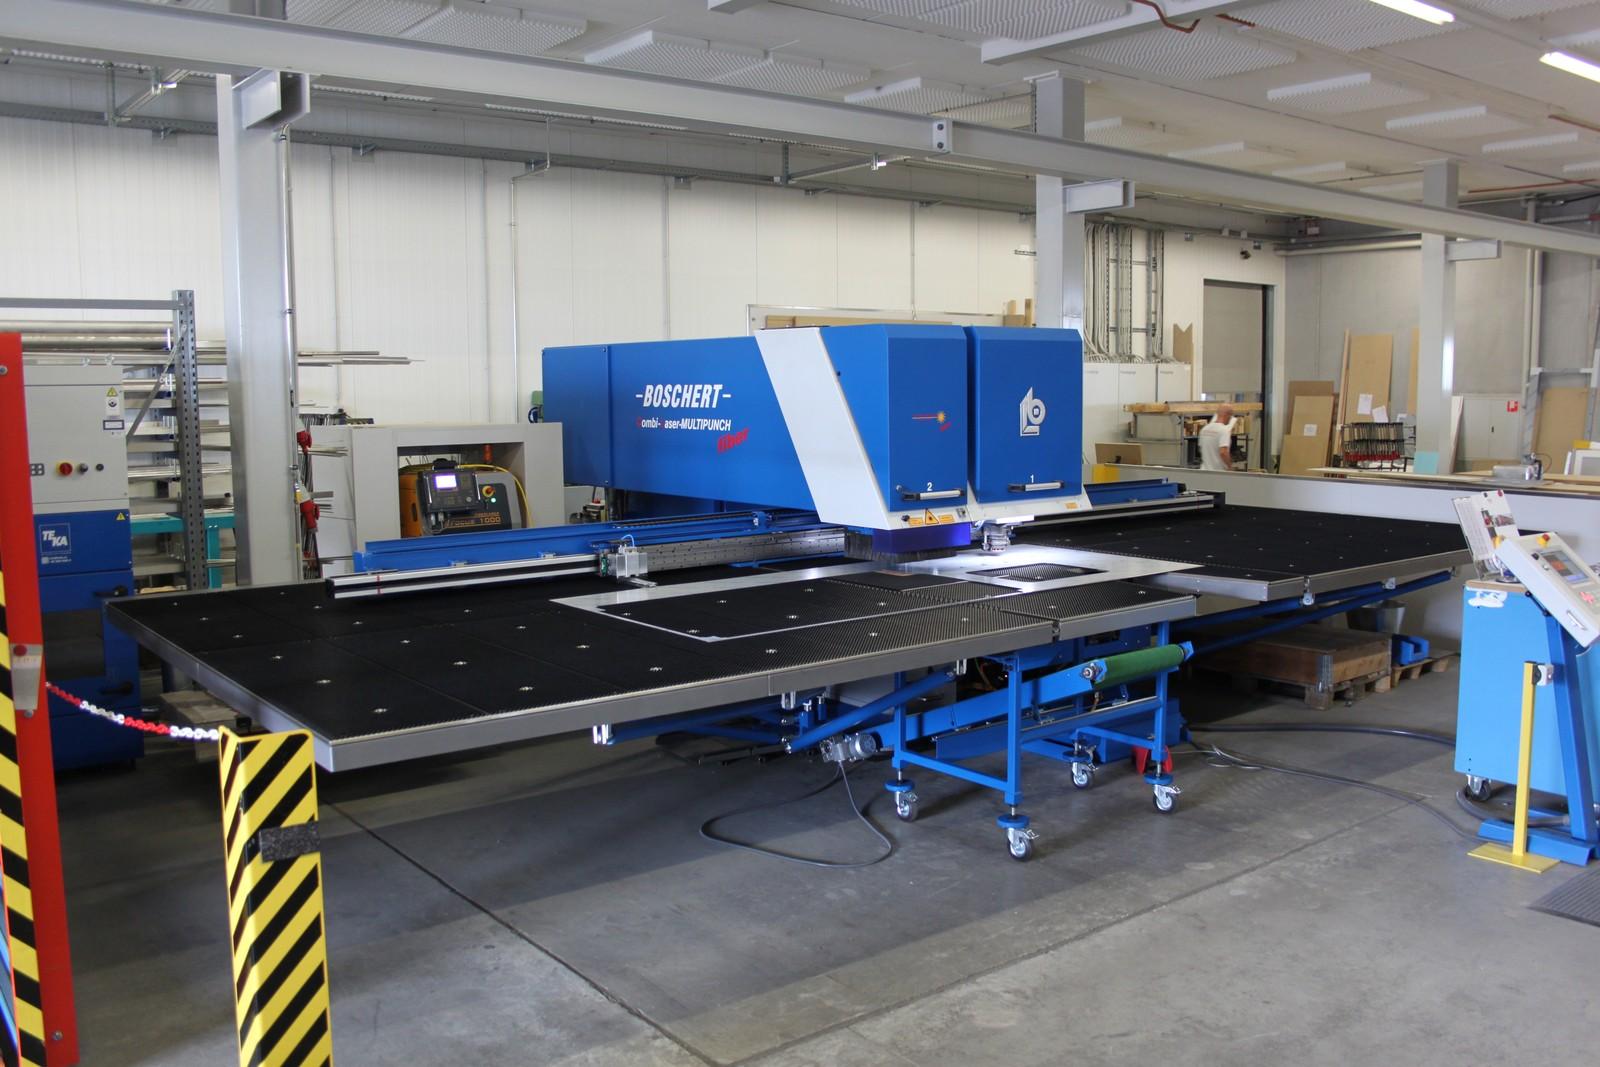 Gesamtansicht der kombinierten Boschert-Stanz-Lasermaschine Combi Laser Multipunch 1500 x 3000 CNC Z, die in der Spenglerei der Pius Nadler AG verwendet wird.